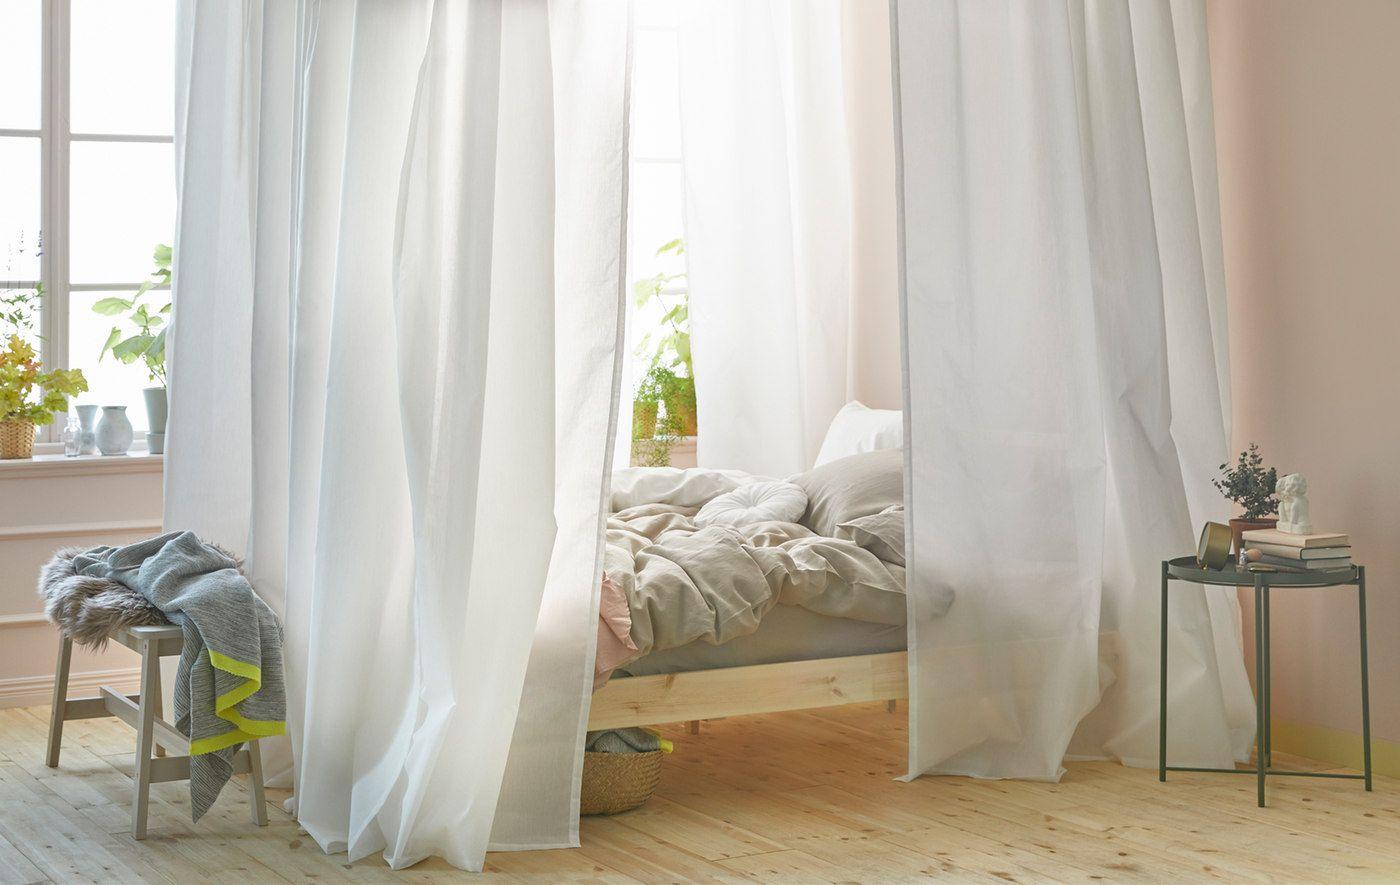 Gardinen im schlafzimmer mit vigda leicht gemacht in 2019 for Decken streichen leicht gemacht